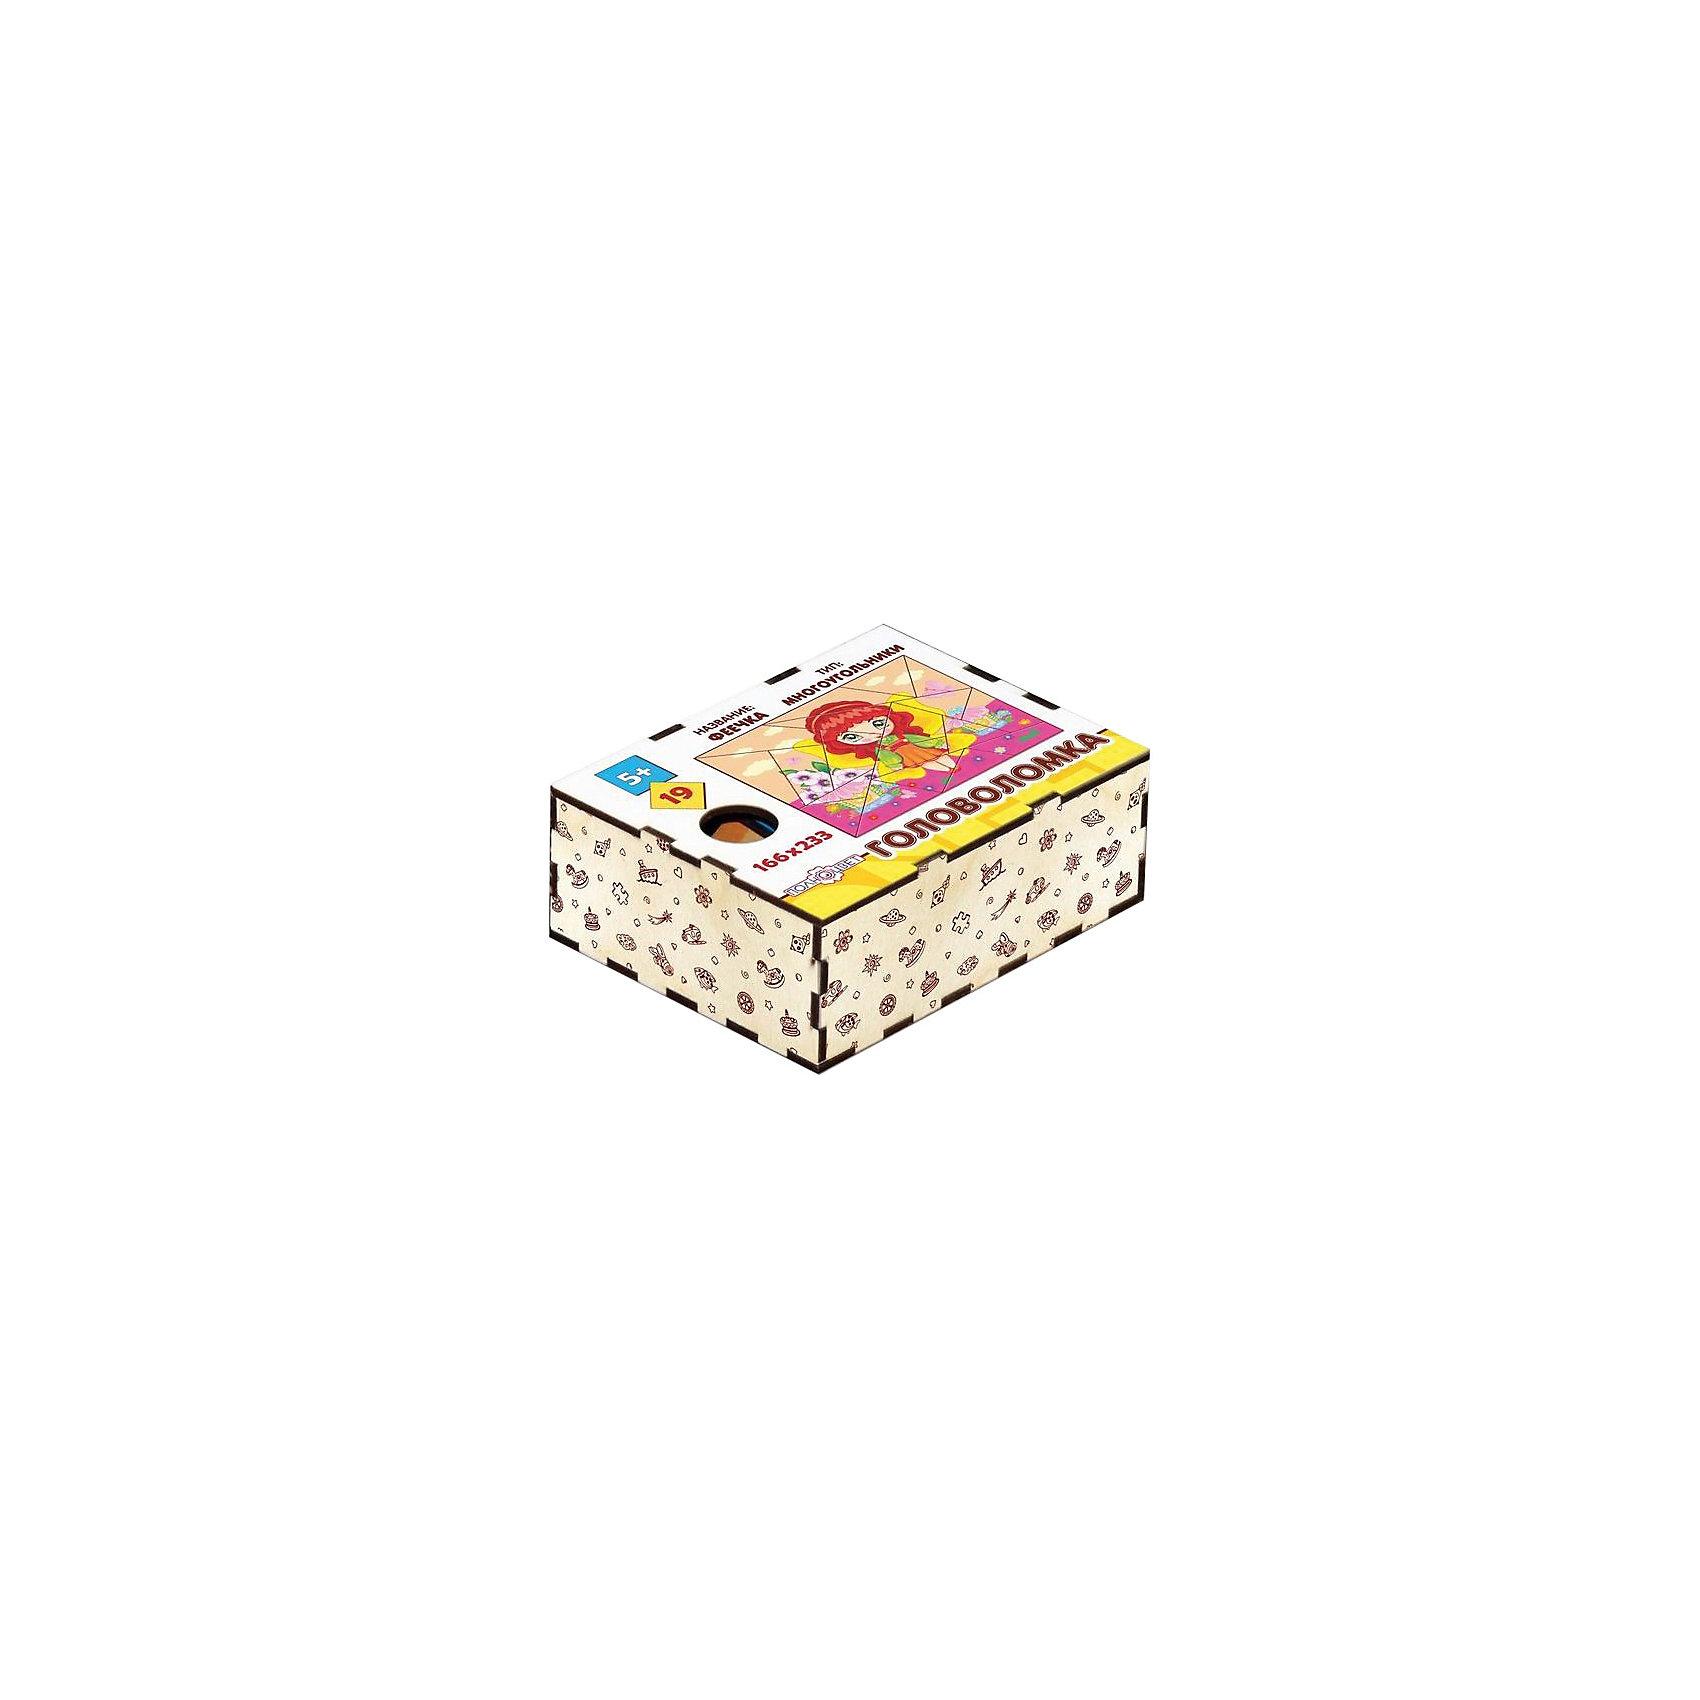 Головоломка Многоугольники. Феечка, ПолноцветДеревянные головоломки<br>Характеристики:<br><br>• возраст: от 5 лет;<br>• количество деталей: 19;<br>• материал: фанера березовая шлифованная ФК, 3 мм;<br>• размер головоломки: 16,6х23,3х0,3 см;<br>• вес: 150 г;<br>• краска: УФ краска;<br>• тип упаковки: деревянная коробка открытого типа, термоусадка.<br><br>Интересный пазл из деталей в форме многоугольников надолго увлечет малышей. Мальчикам и девочкам потребуется проявить максимум внимательности и усидчивости, чтобы собрать красочную картинку с феей.<br><br>Деревянная головоломка с высококачественной печатью имеет высокий срок службы. <br><br>Игрушка рекомендована для детских садов и центров, а также для домашнего использования.<br><br>Головоломку «Многоугольники. Феечка», Полноцвет можно приобрести в нашем интернет-магазине.<br><br>Ширина мм: 30<br>Глубина мм: 230<br>Высота мм: 170<br>Вес г: 150<br>Возраст от месяцев: 36<br>Возраст до месяцев: 2147483647<br>Пол: Унисекс<br>Возраст: Детский<br>SKU: 7025966